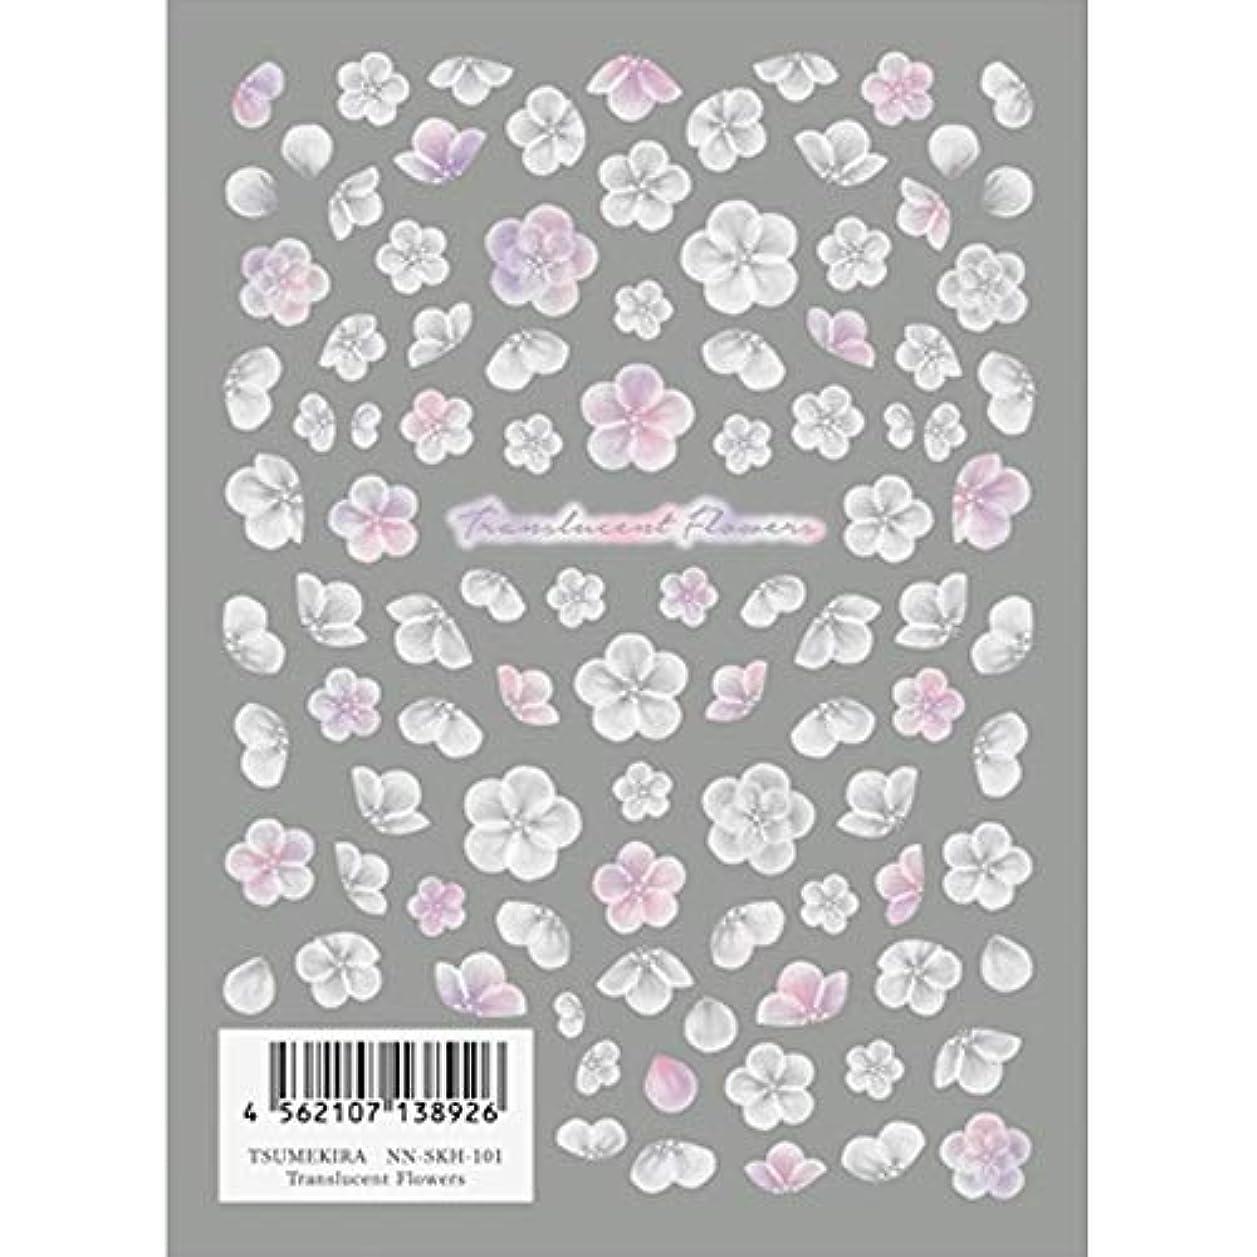 効果絵実装するツメキラ(TSUMEKIRA) ネイル用シール Translucent Flowers NN-SKH-101